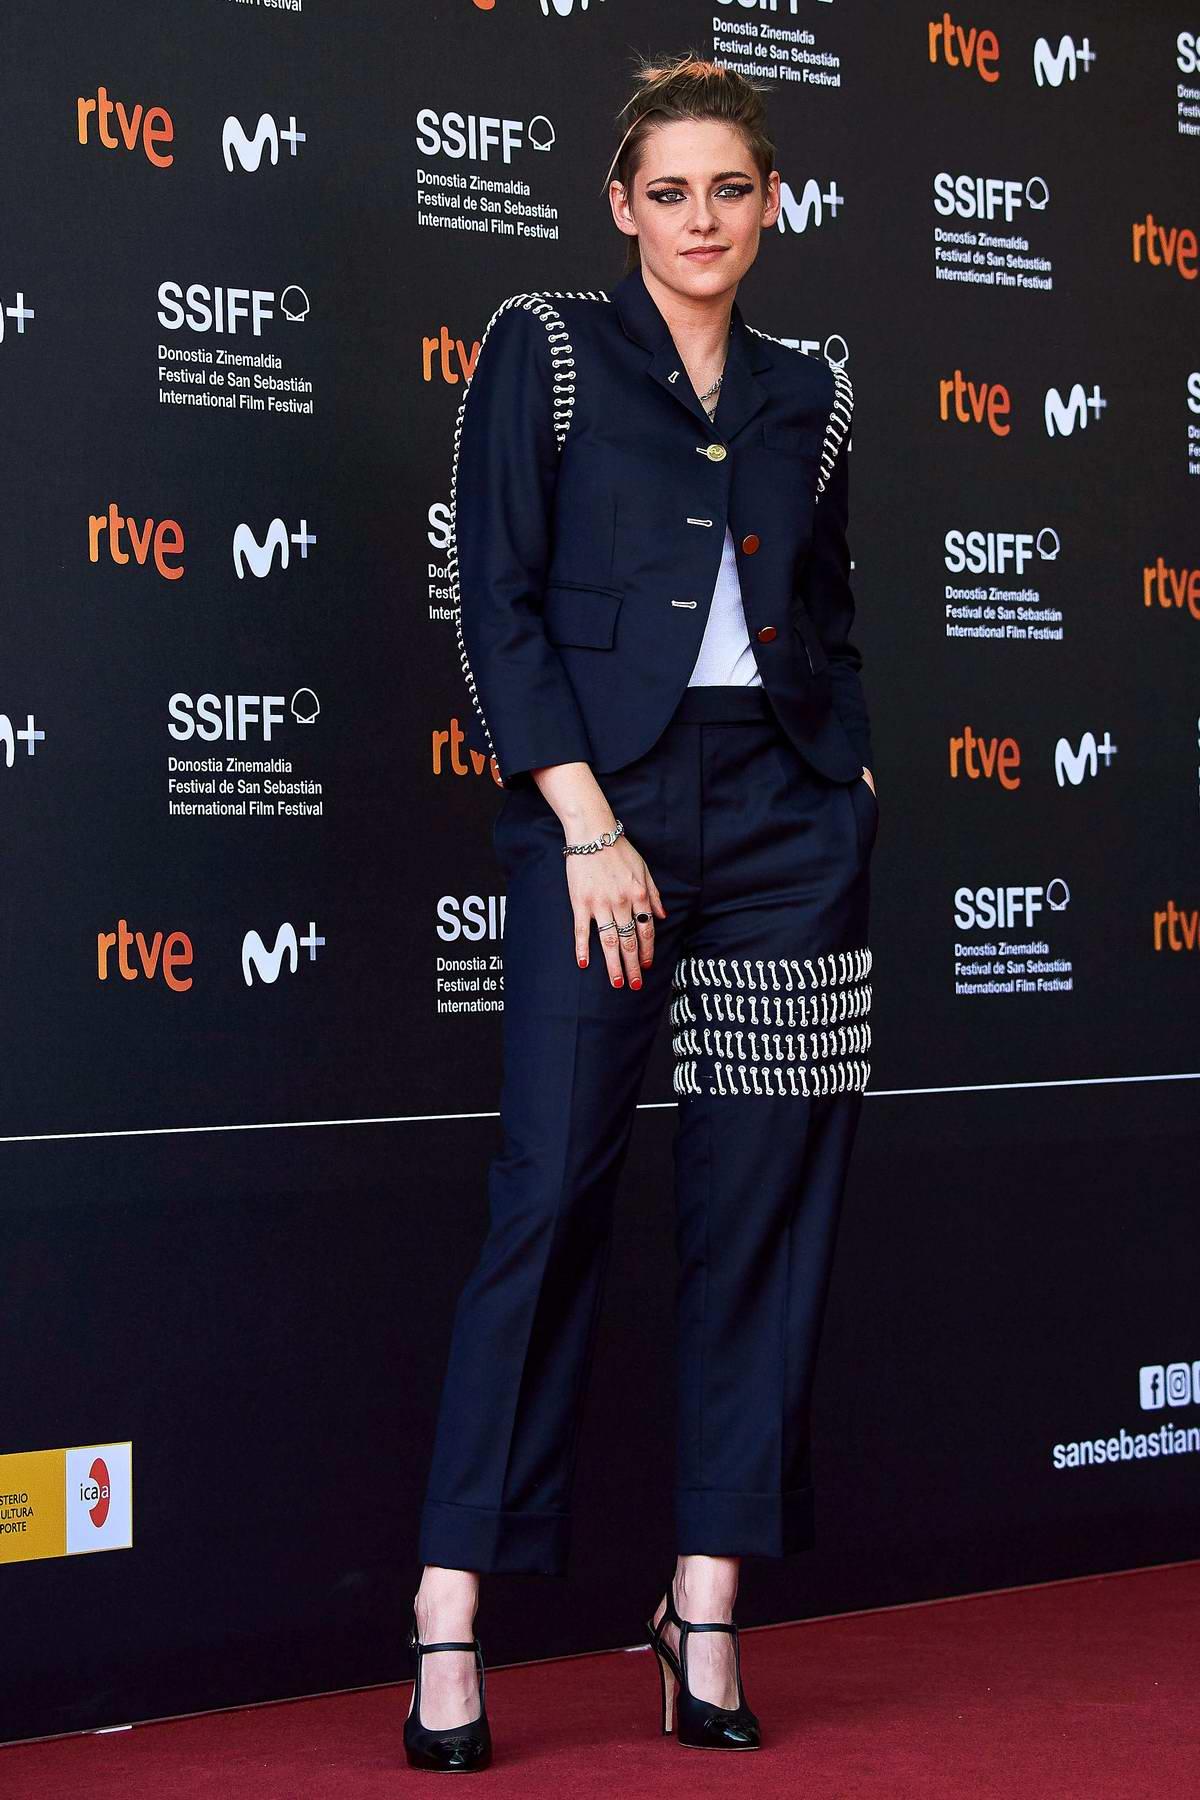 Kristen Stewart attends the premiere of 'Seberg' during the 67th San Sebastian International Film Festival, Spain